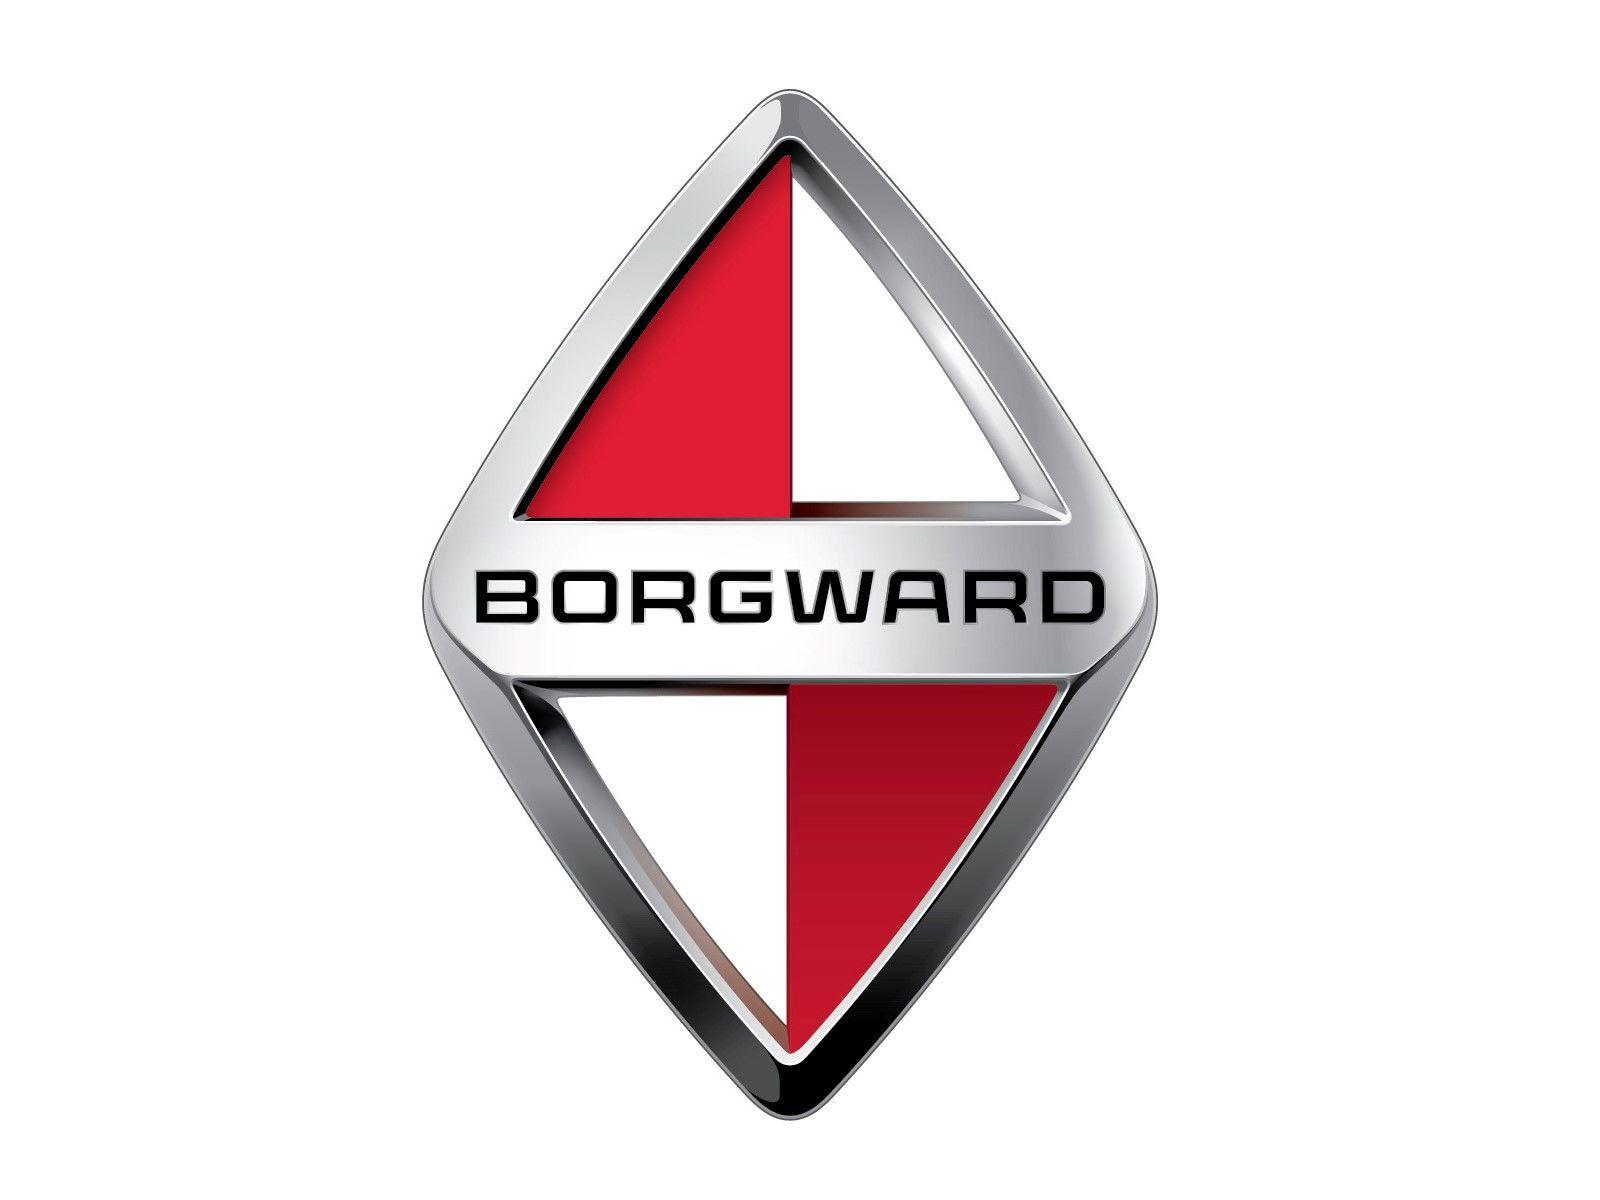 قبل از خرید بورگوارد BX5 و BX7 از نکات مثبت و منفی آن آگاه باشید